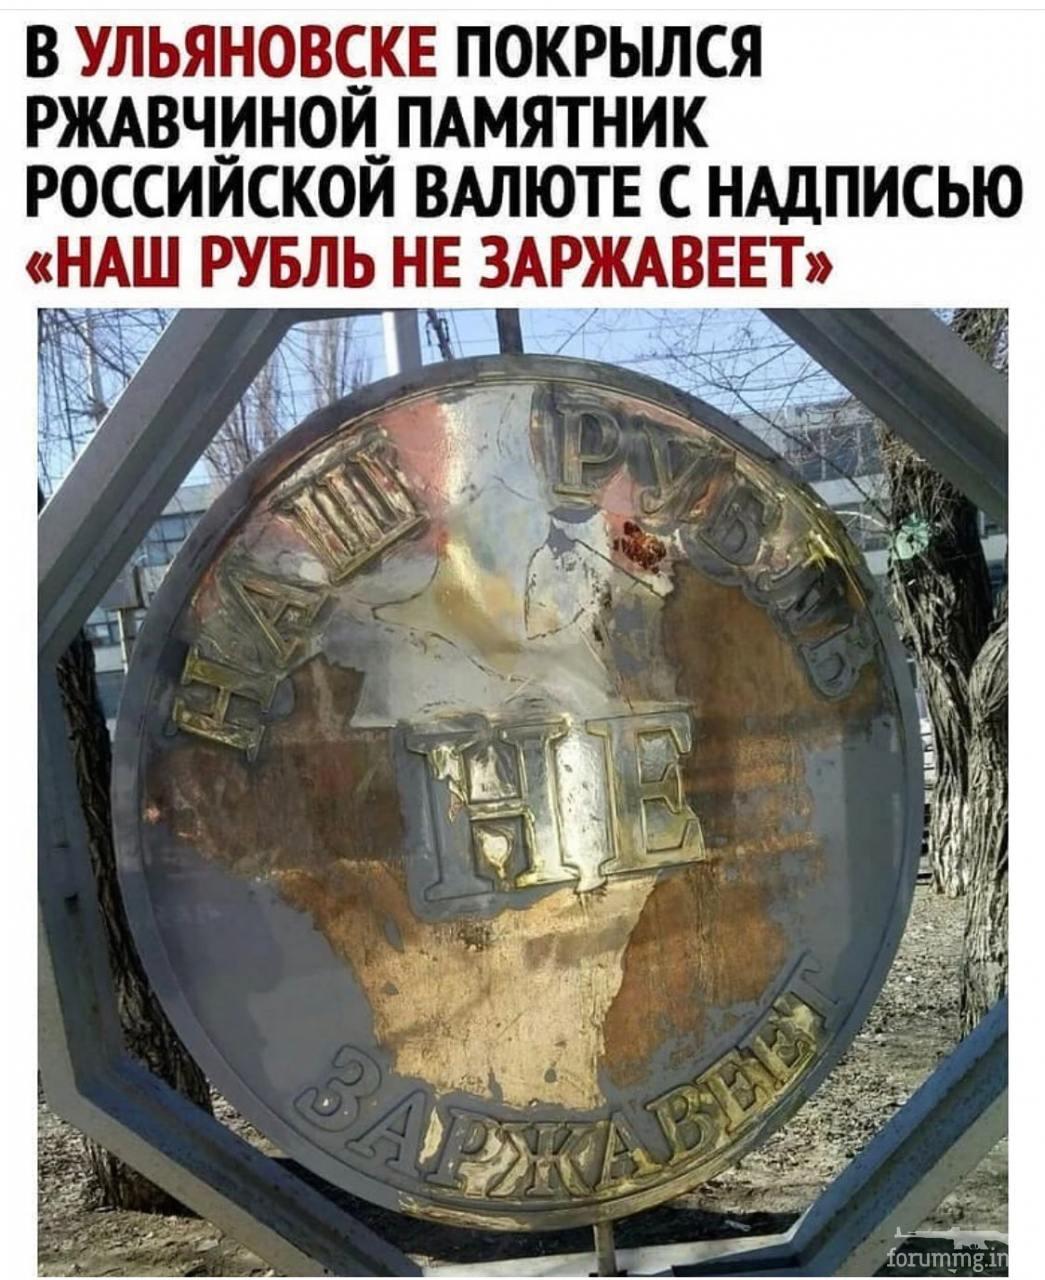 118221 - А в России чудеса!